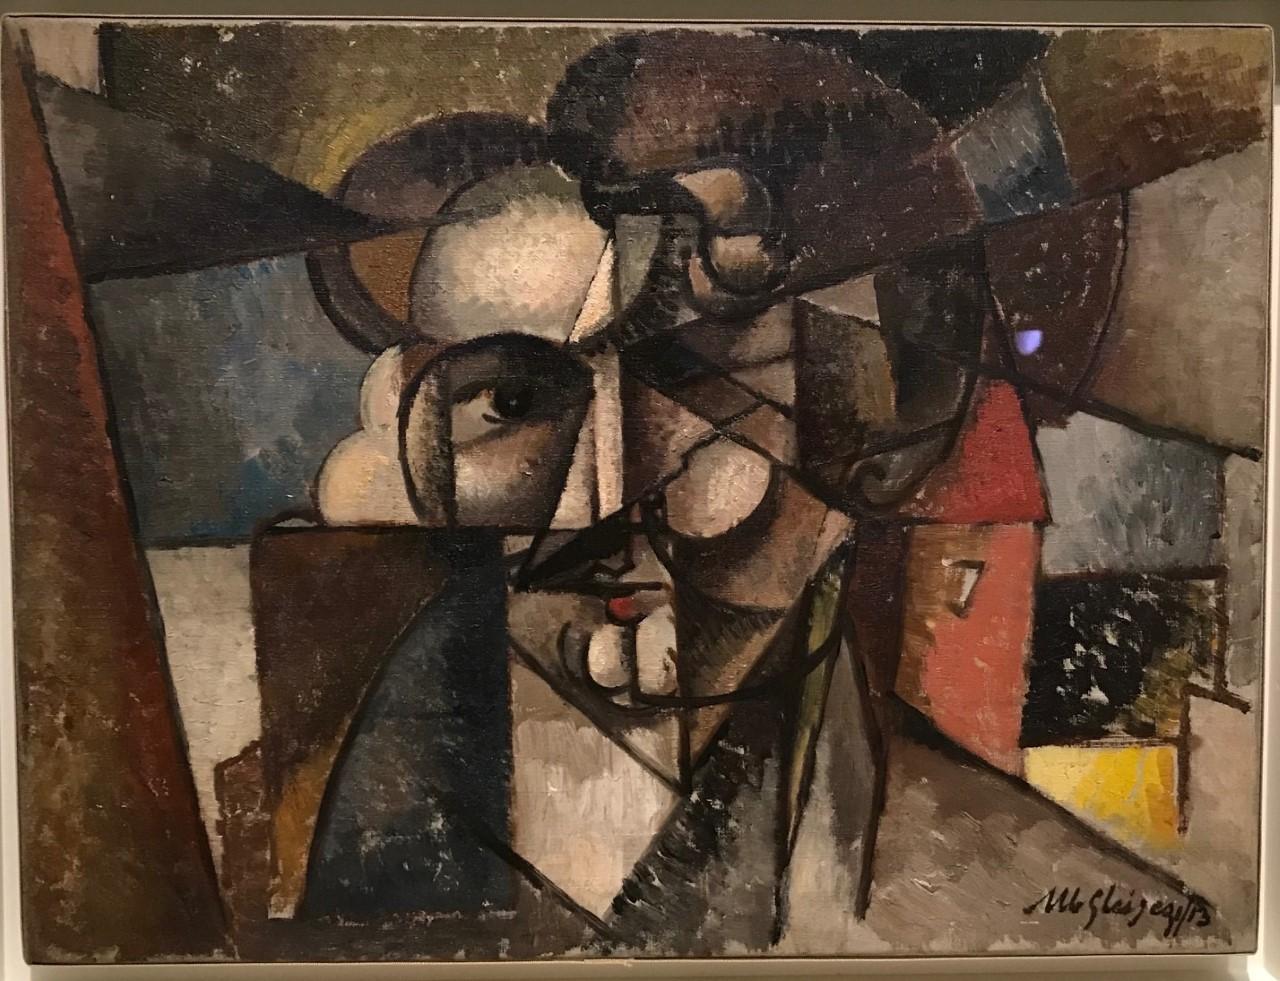 Albert Gleizes, <em>Tête d'un homme</em>, 1913, huile sur toile, 38 x 50,5 cm (New York, Solomon R. Guggenheim Museum)